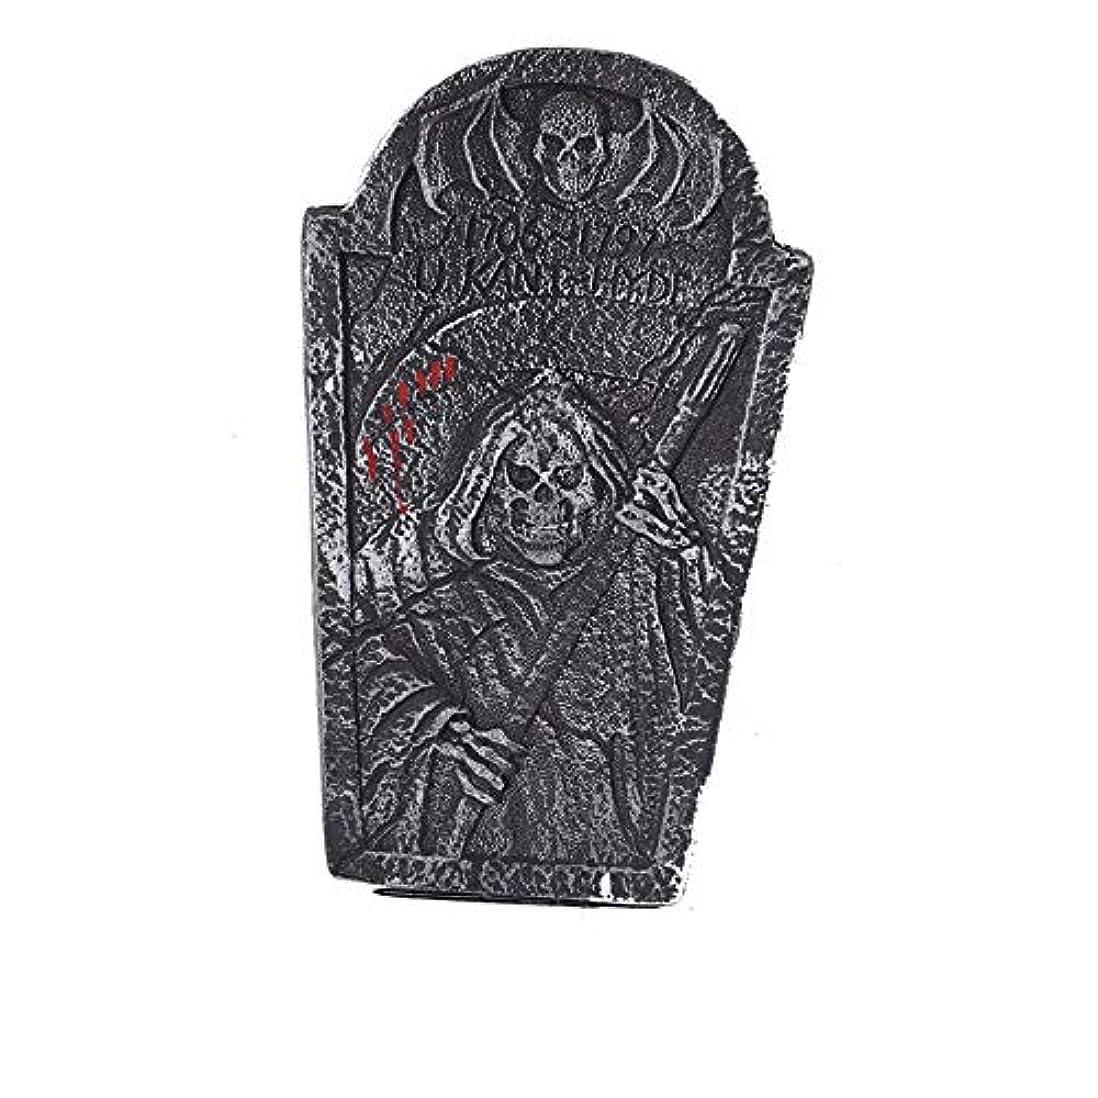 野望蒸パイルETRRUU HOME ハロウィーン墓石お化け屋敷バー装飾秘密の部屋タトゥーショップホラースカル装飾写真の小道具